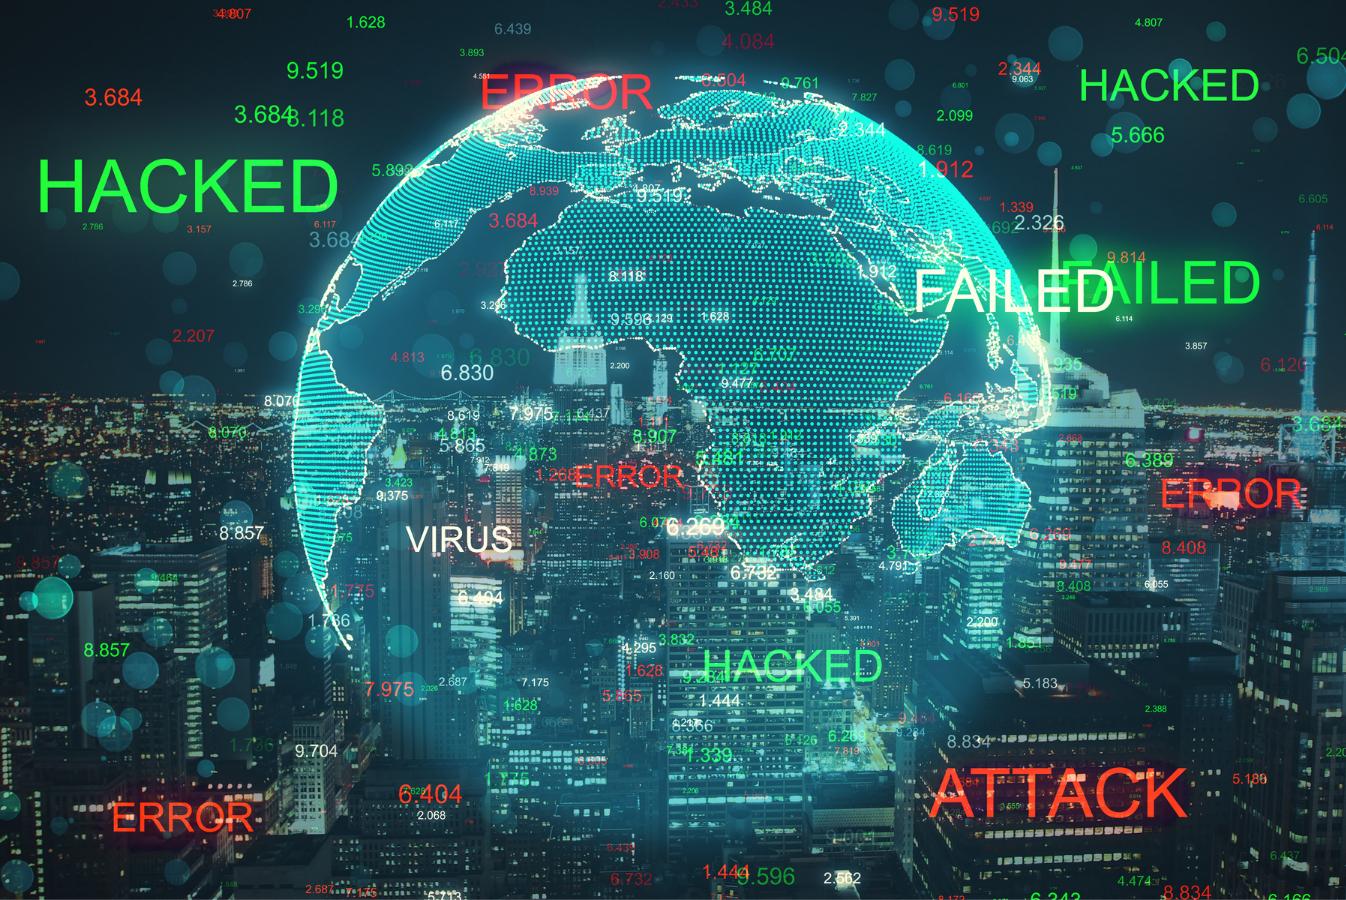 Bankowość na celowniku hakerów. Klienci najłatwiejszym celem.